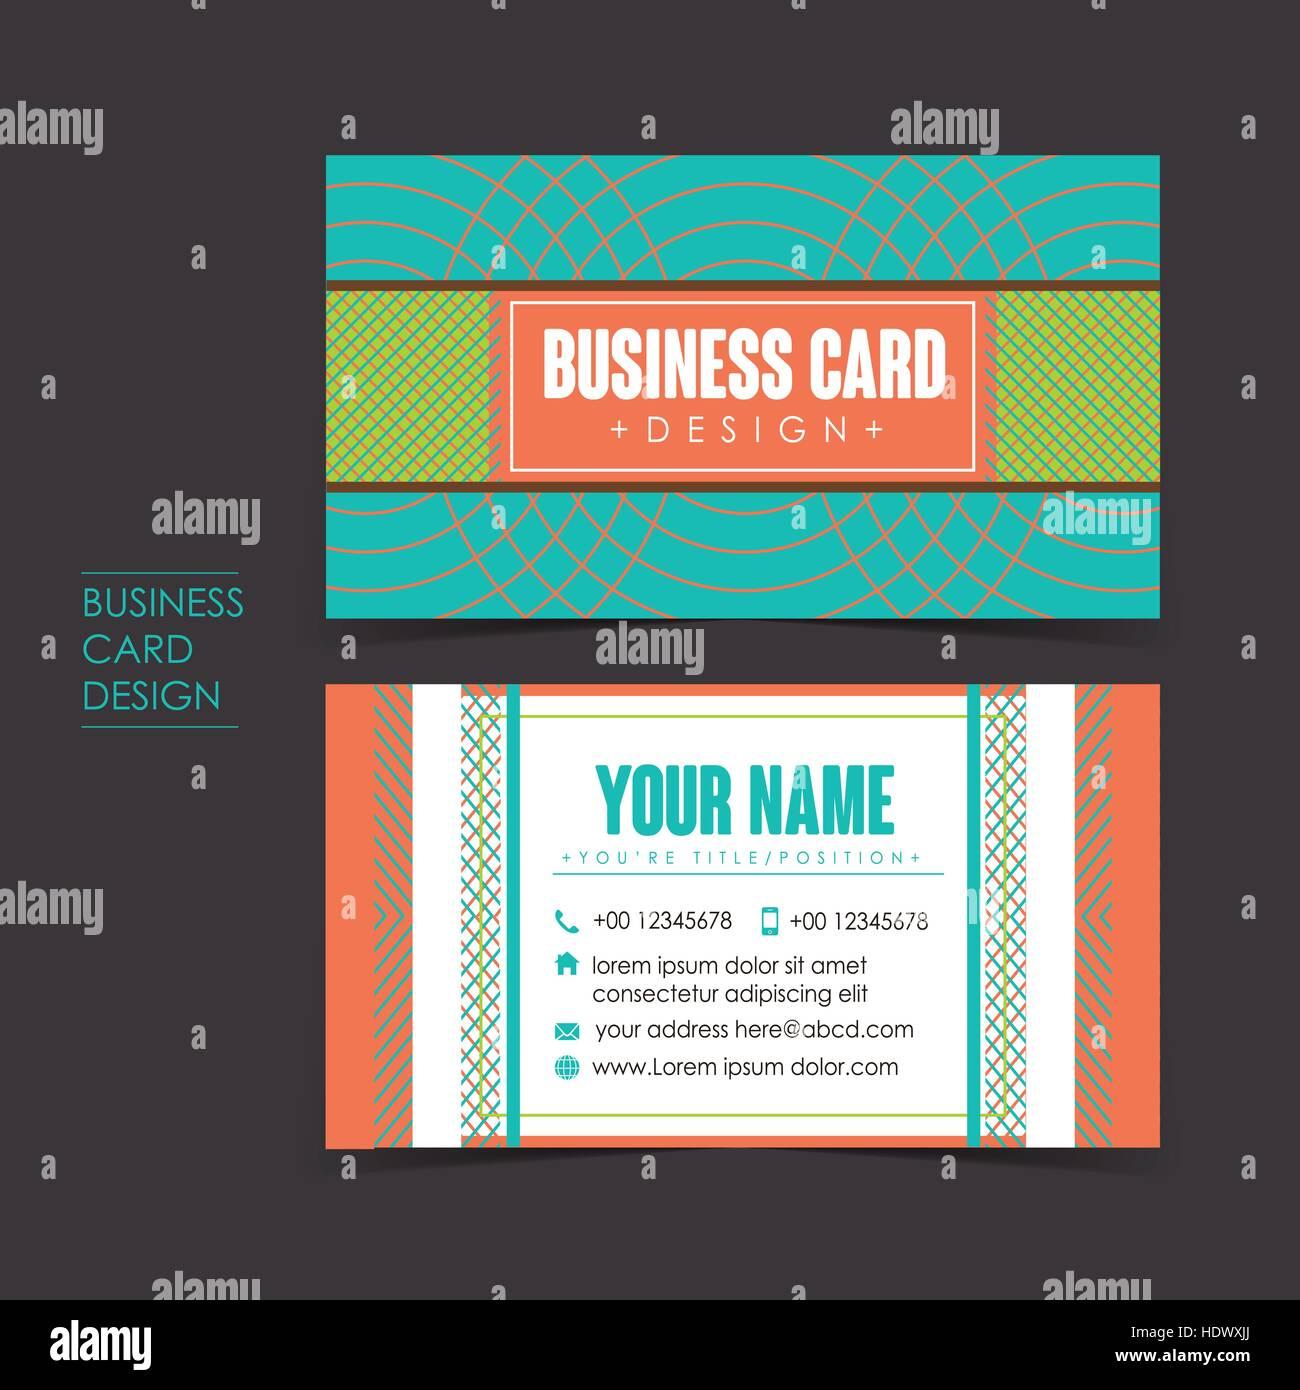 Professionelle Vektor Visitenkarten Vorlage Bühnenbild